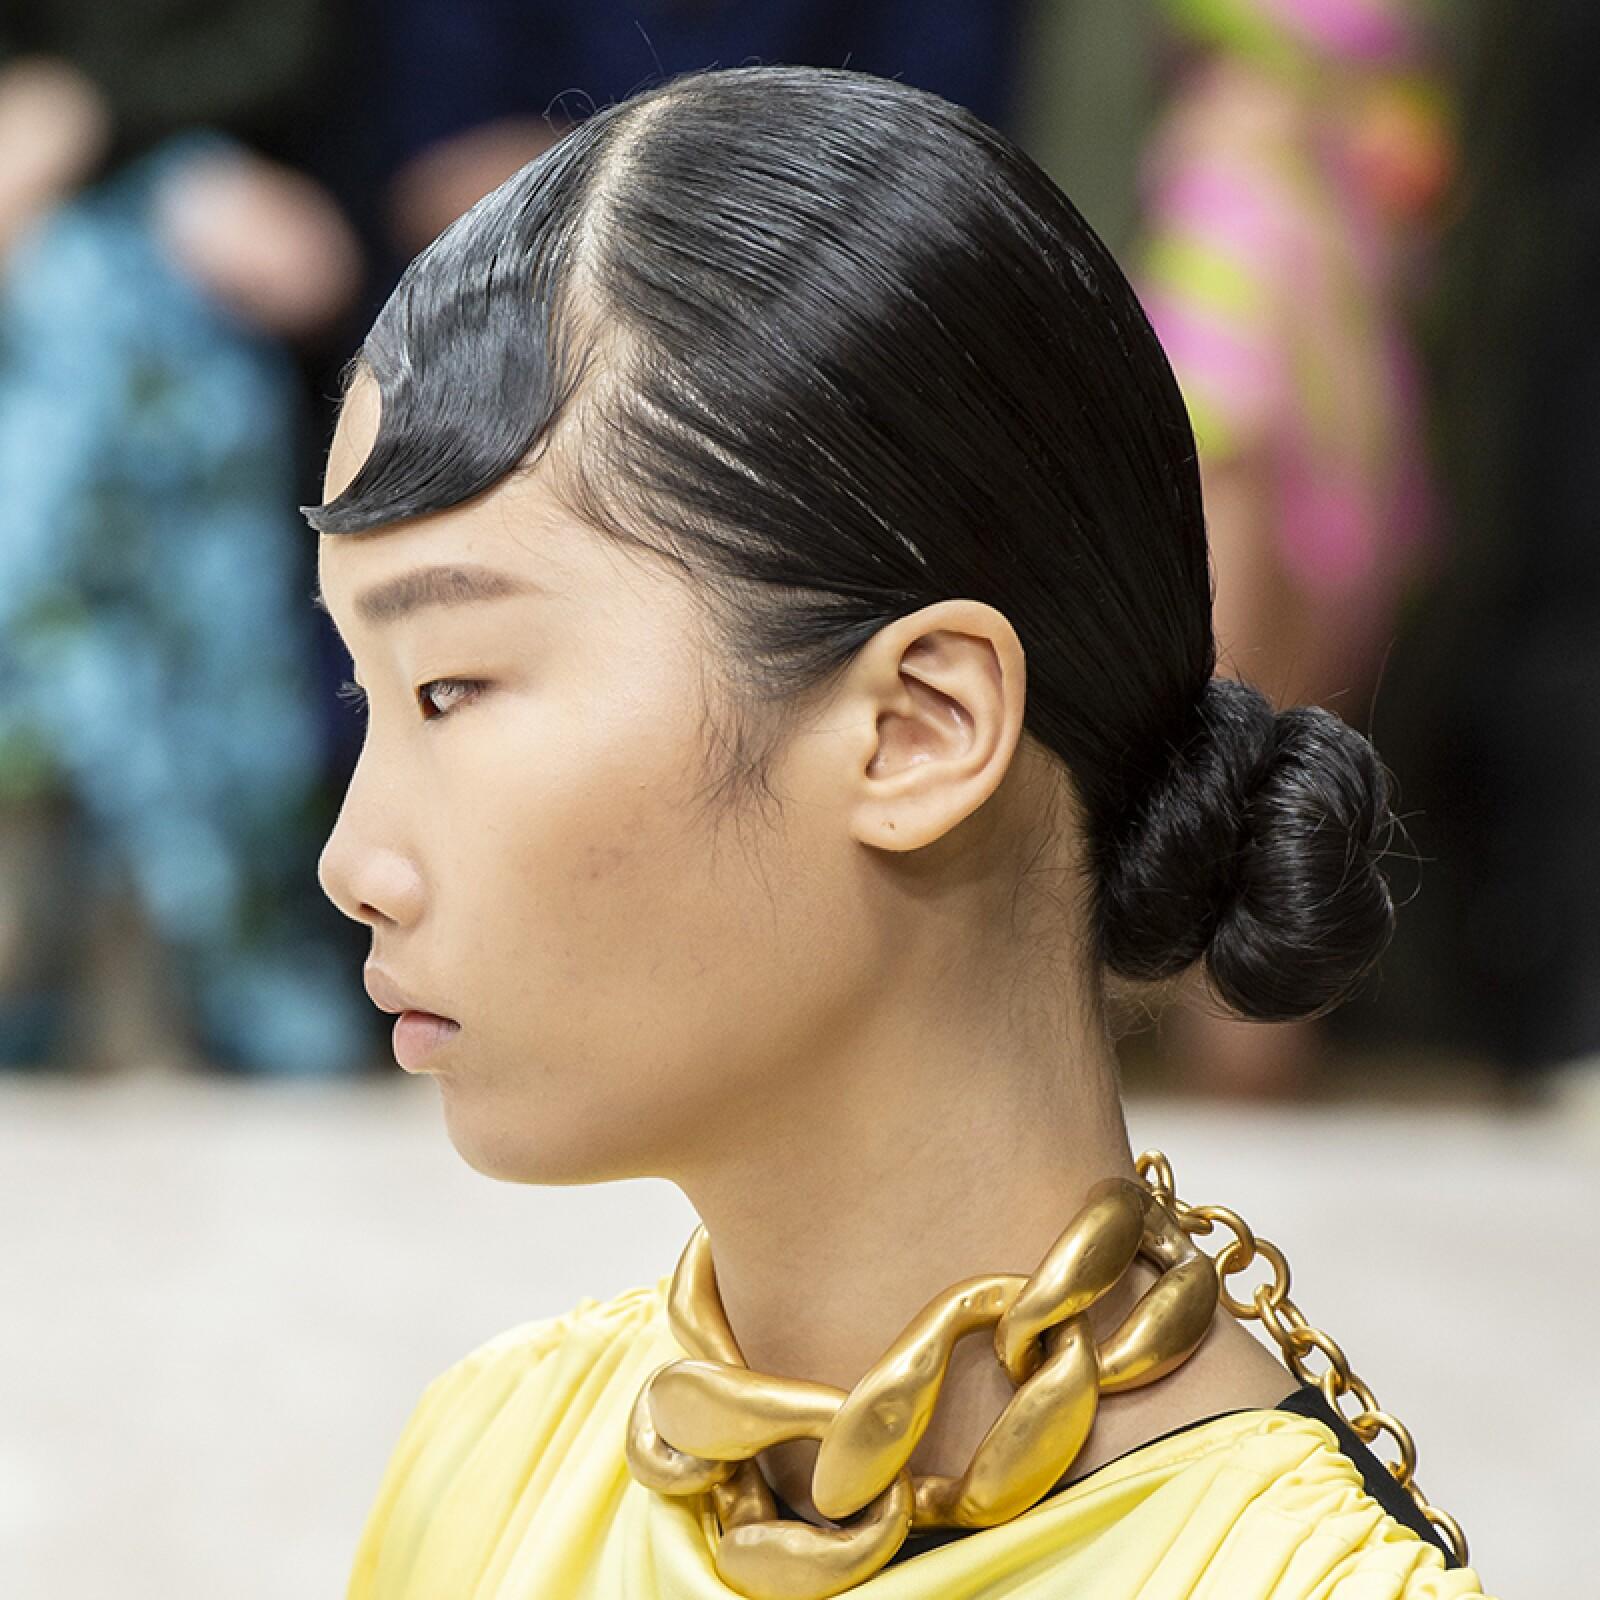 lfw-fashion-week-runway-beauty-looks-maquillaje-jwanderson